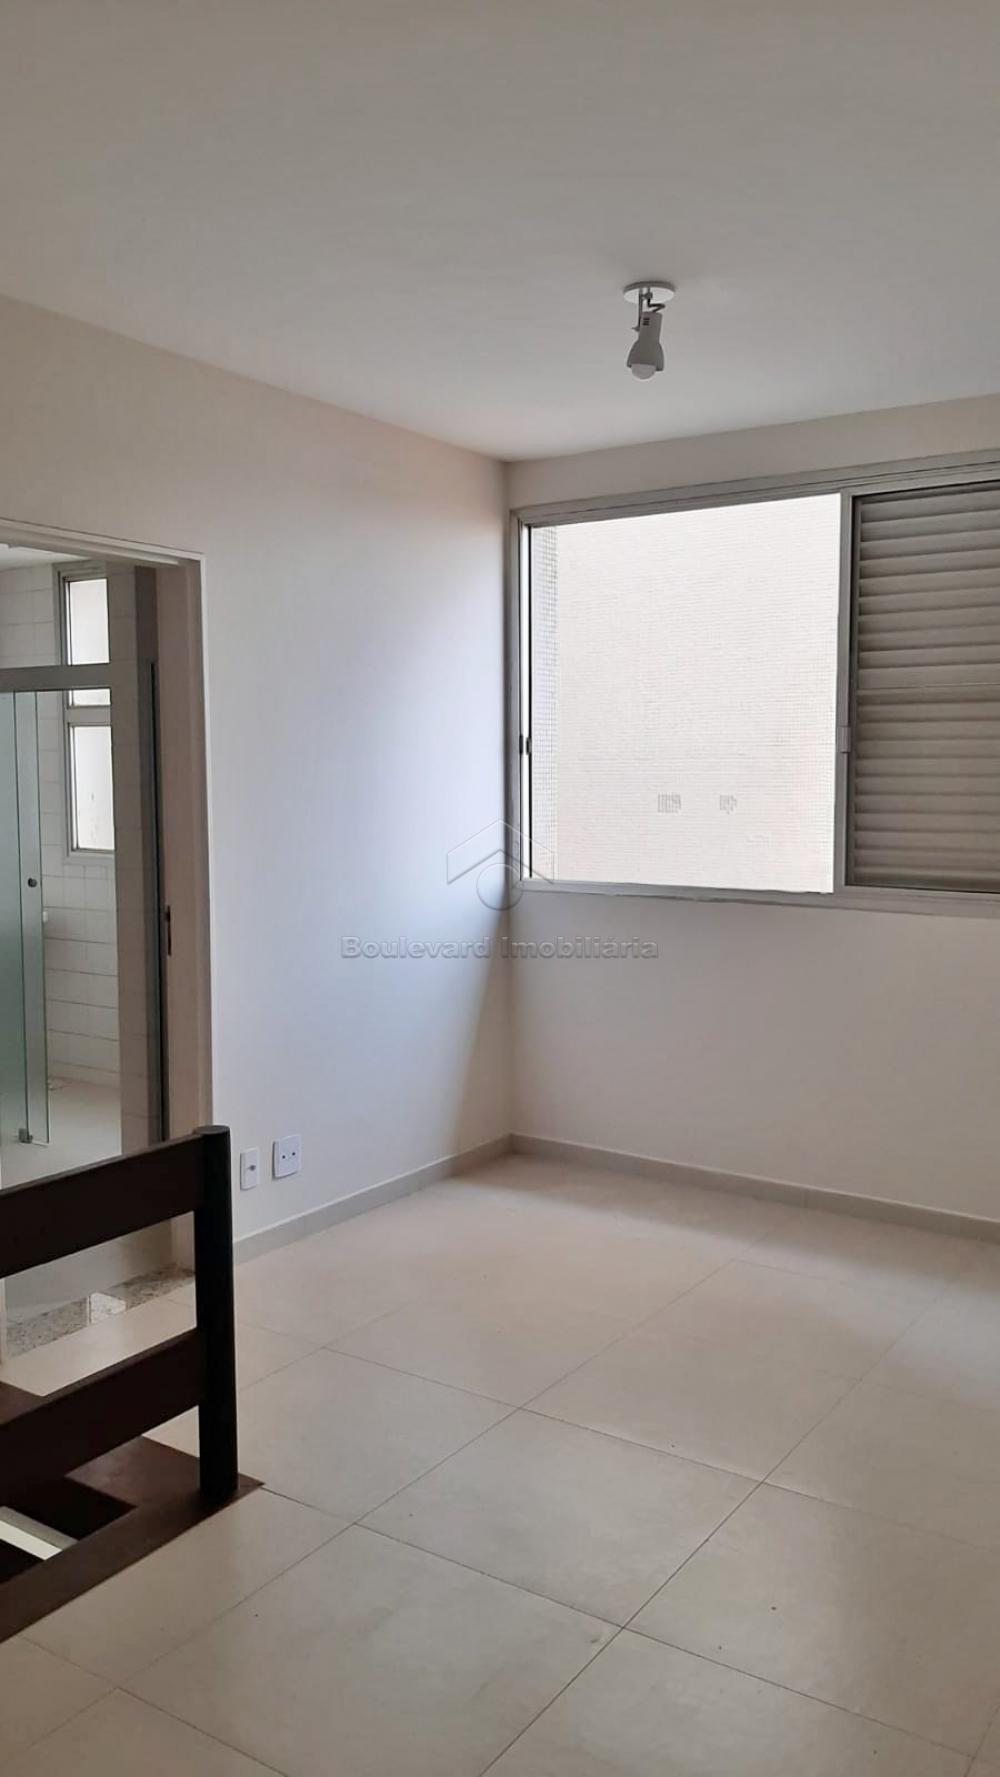 Alugar Apartamento / Duplex em Ribeirão Preto R$ 700,00 - Foto 5